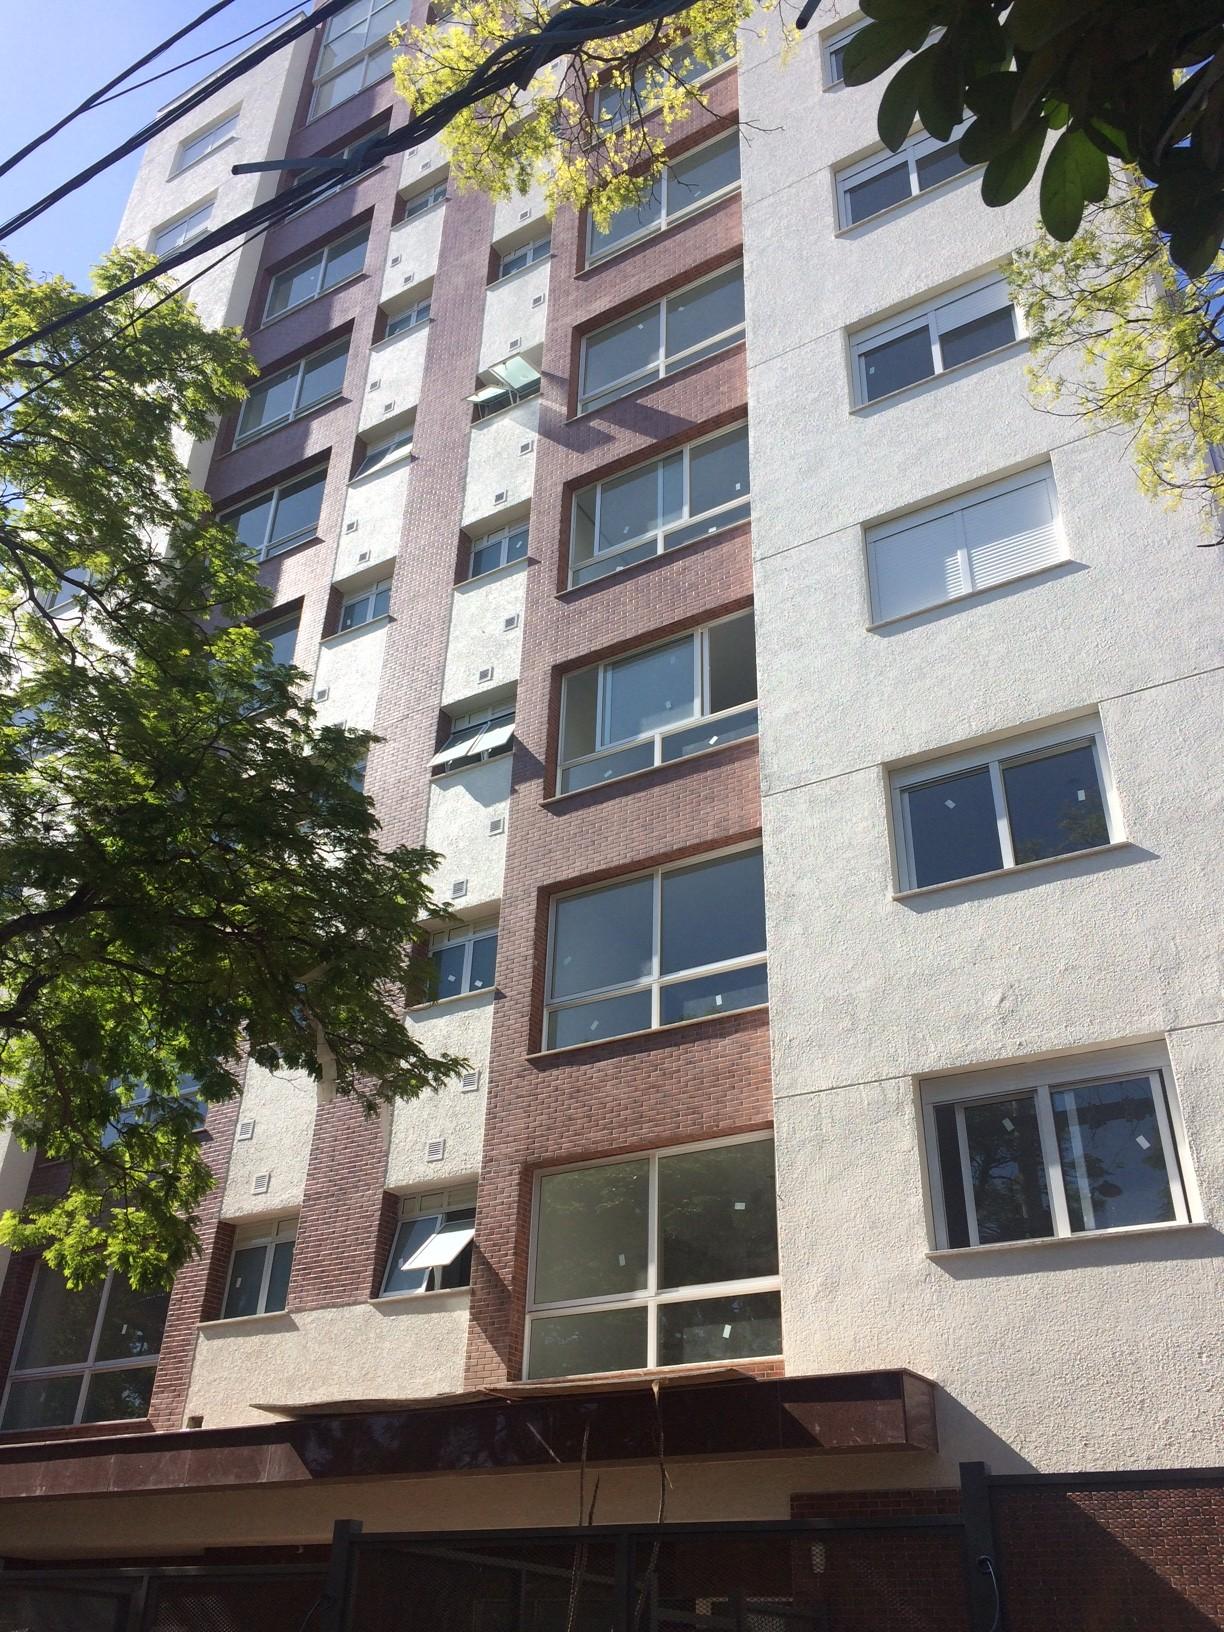 Veridiano 111 - Apto 2 Dorm, Petrópolis, Porto Alegre (64319) - Foto 2